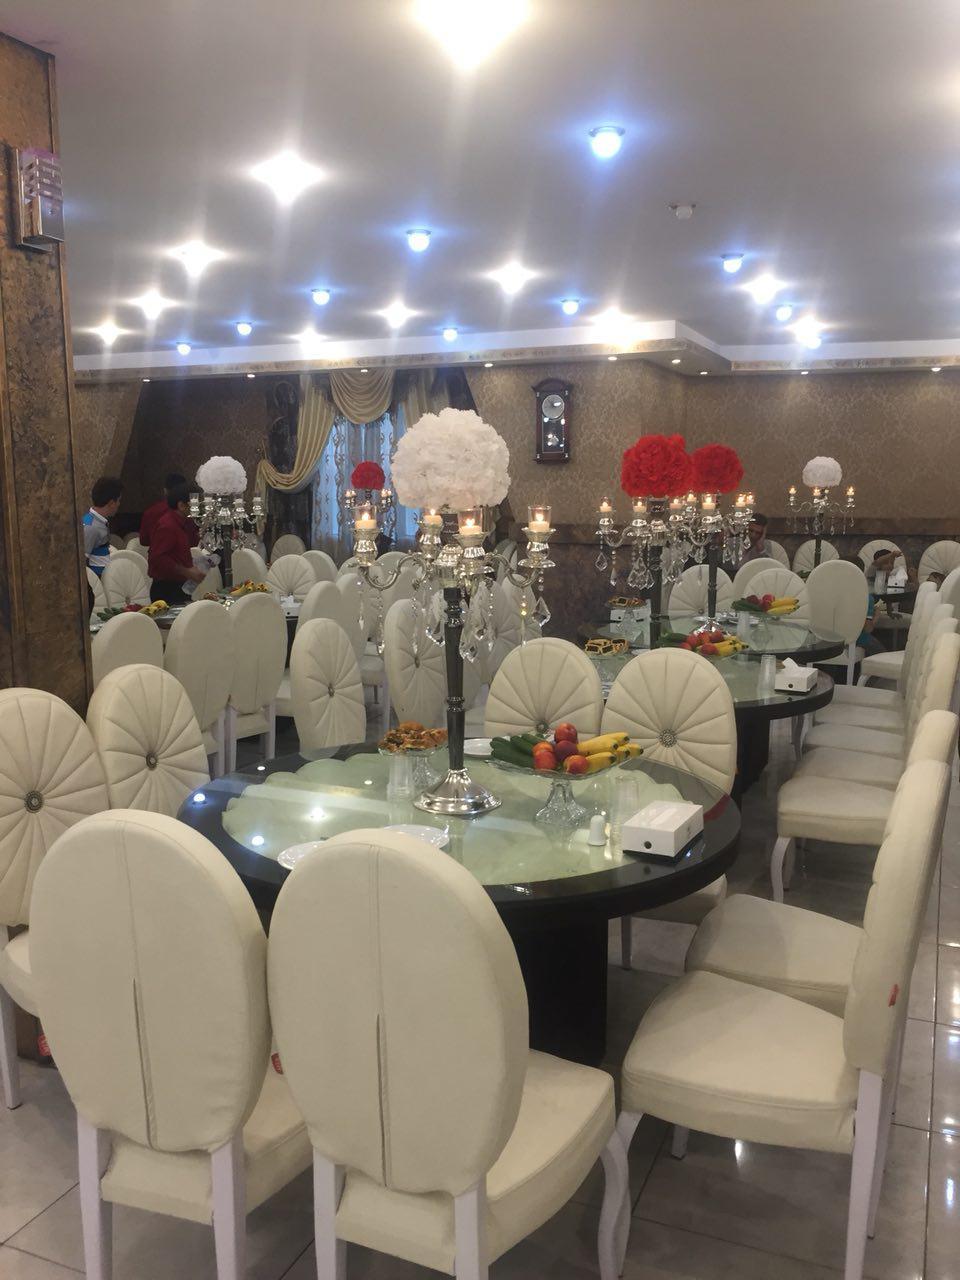 تالار پذیرایی قصر ملک احمدآباد مستوفی